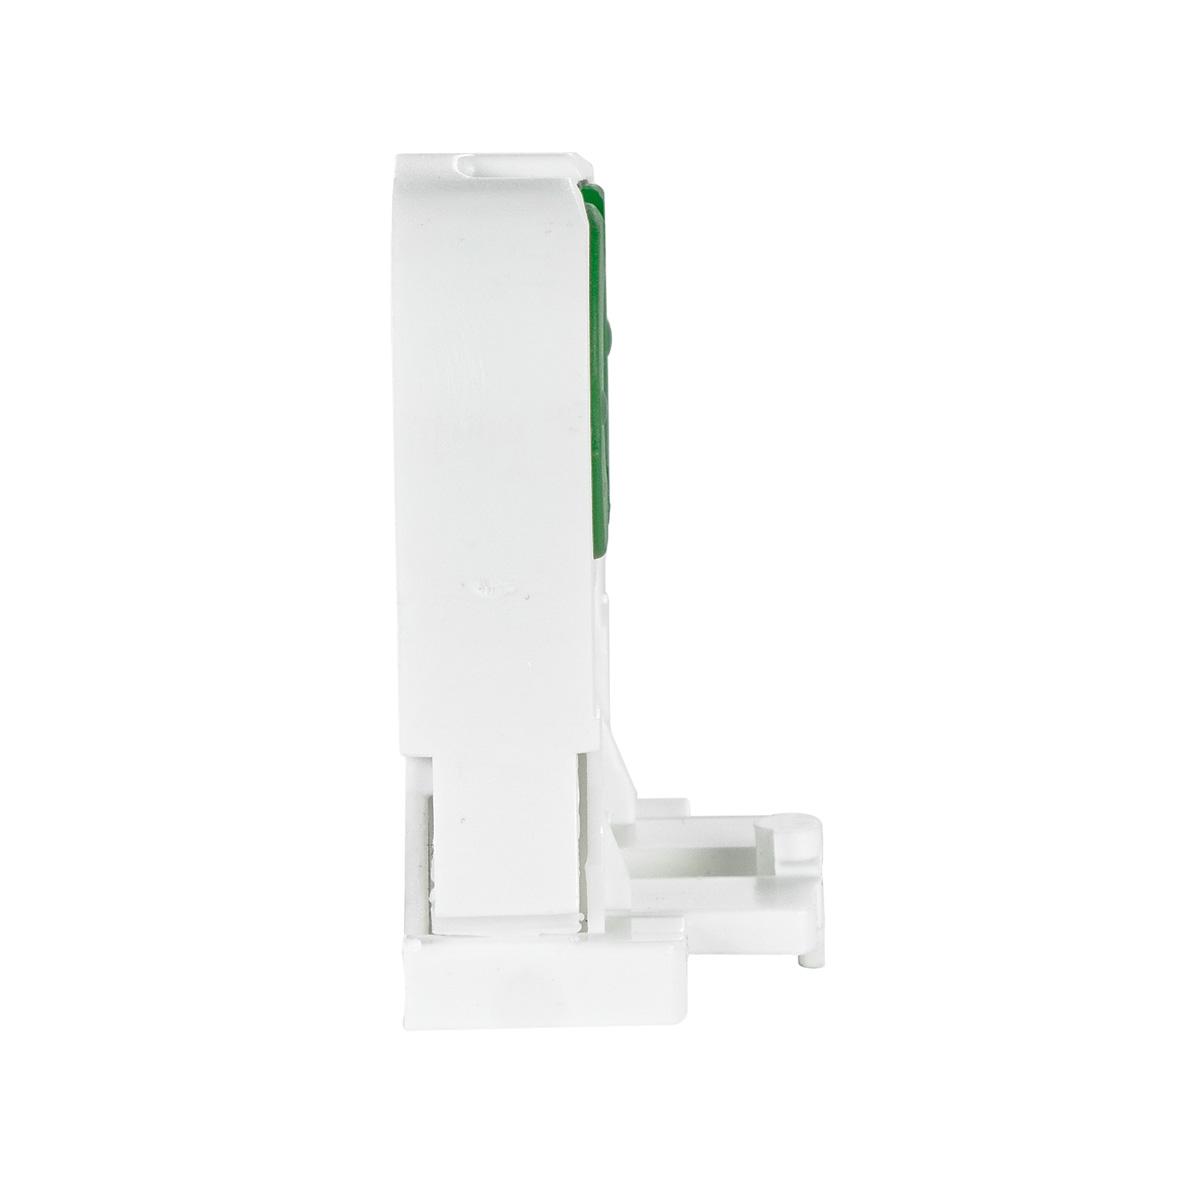 g13 halterung fassung f r leuchtstoffr hre t8 d 26mm leuchtstofflampe led ebay. Black Bedroom Furniture Sets. Home Design Ideas